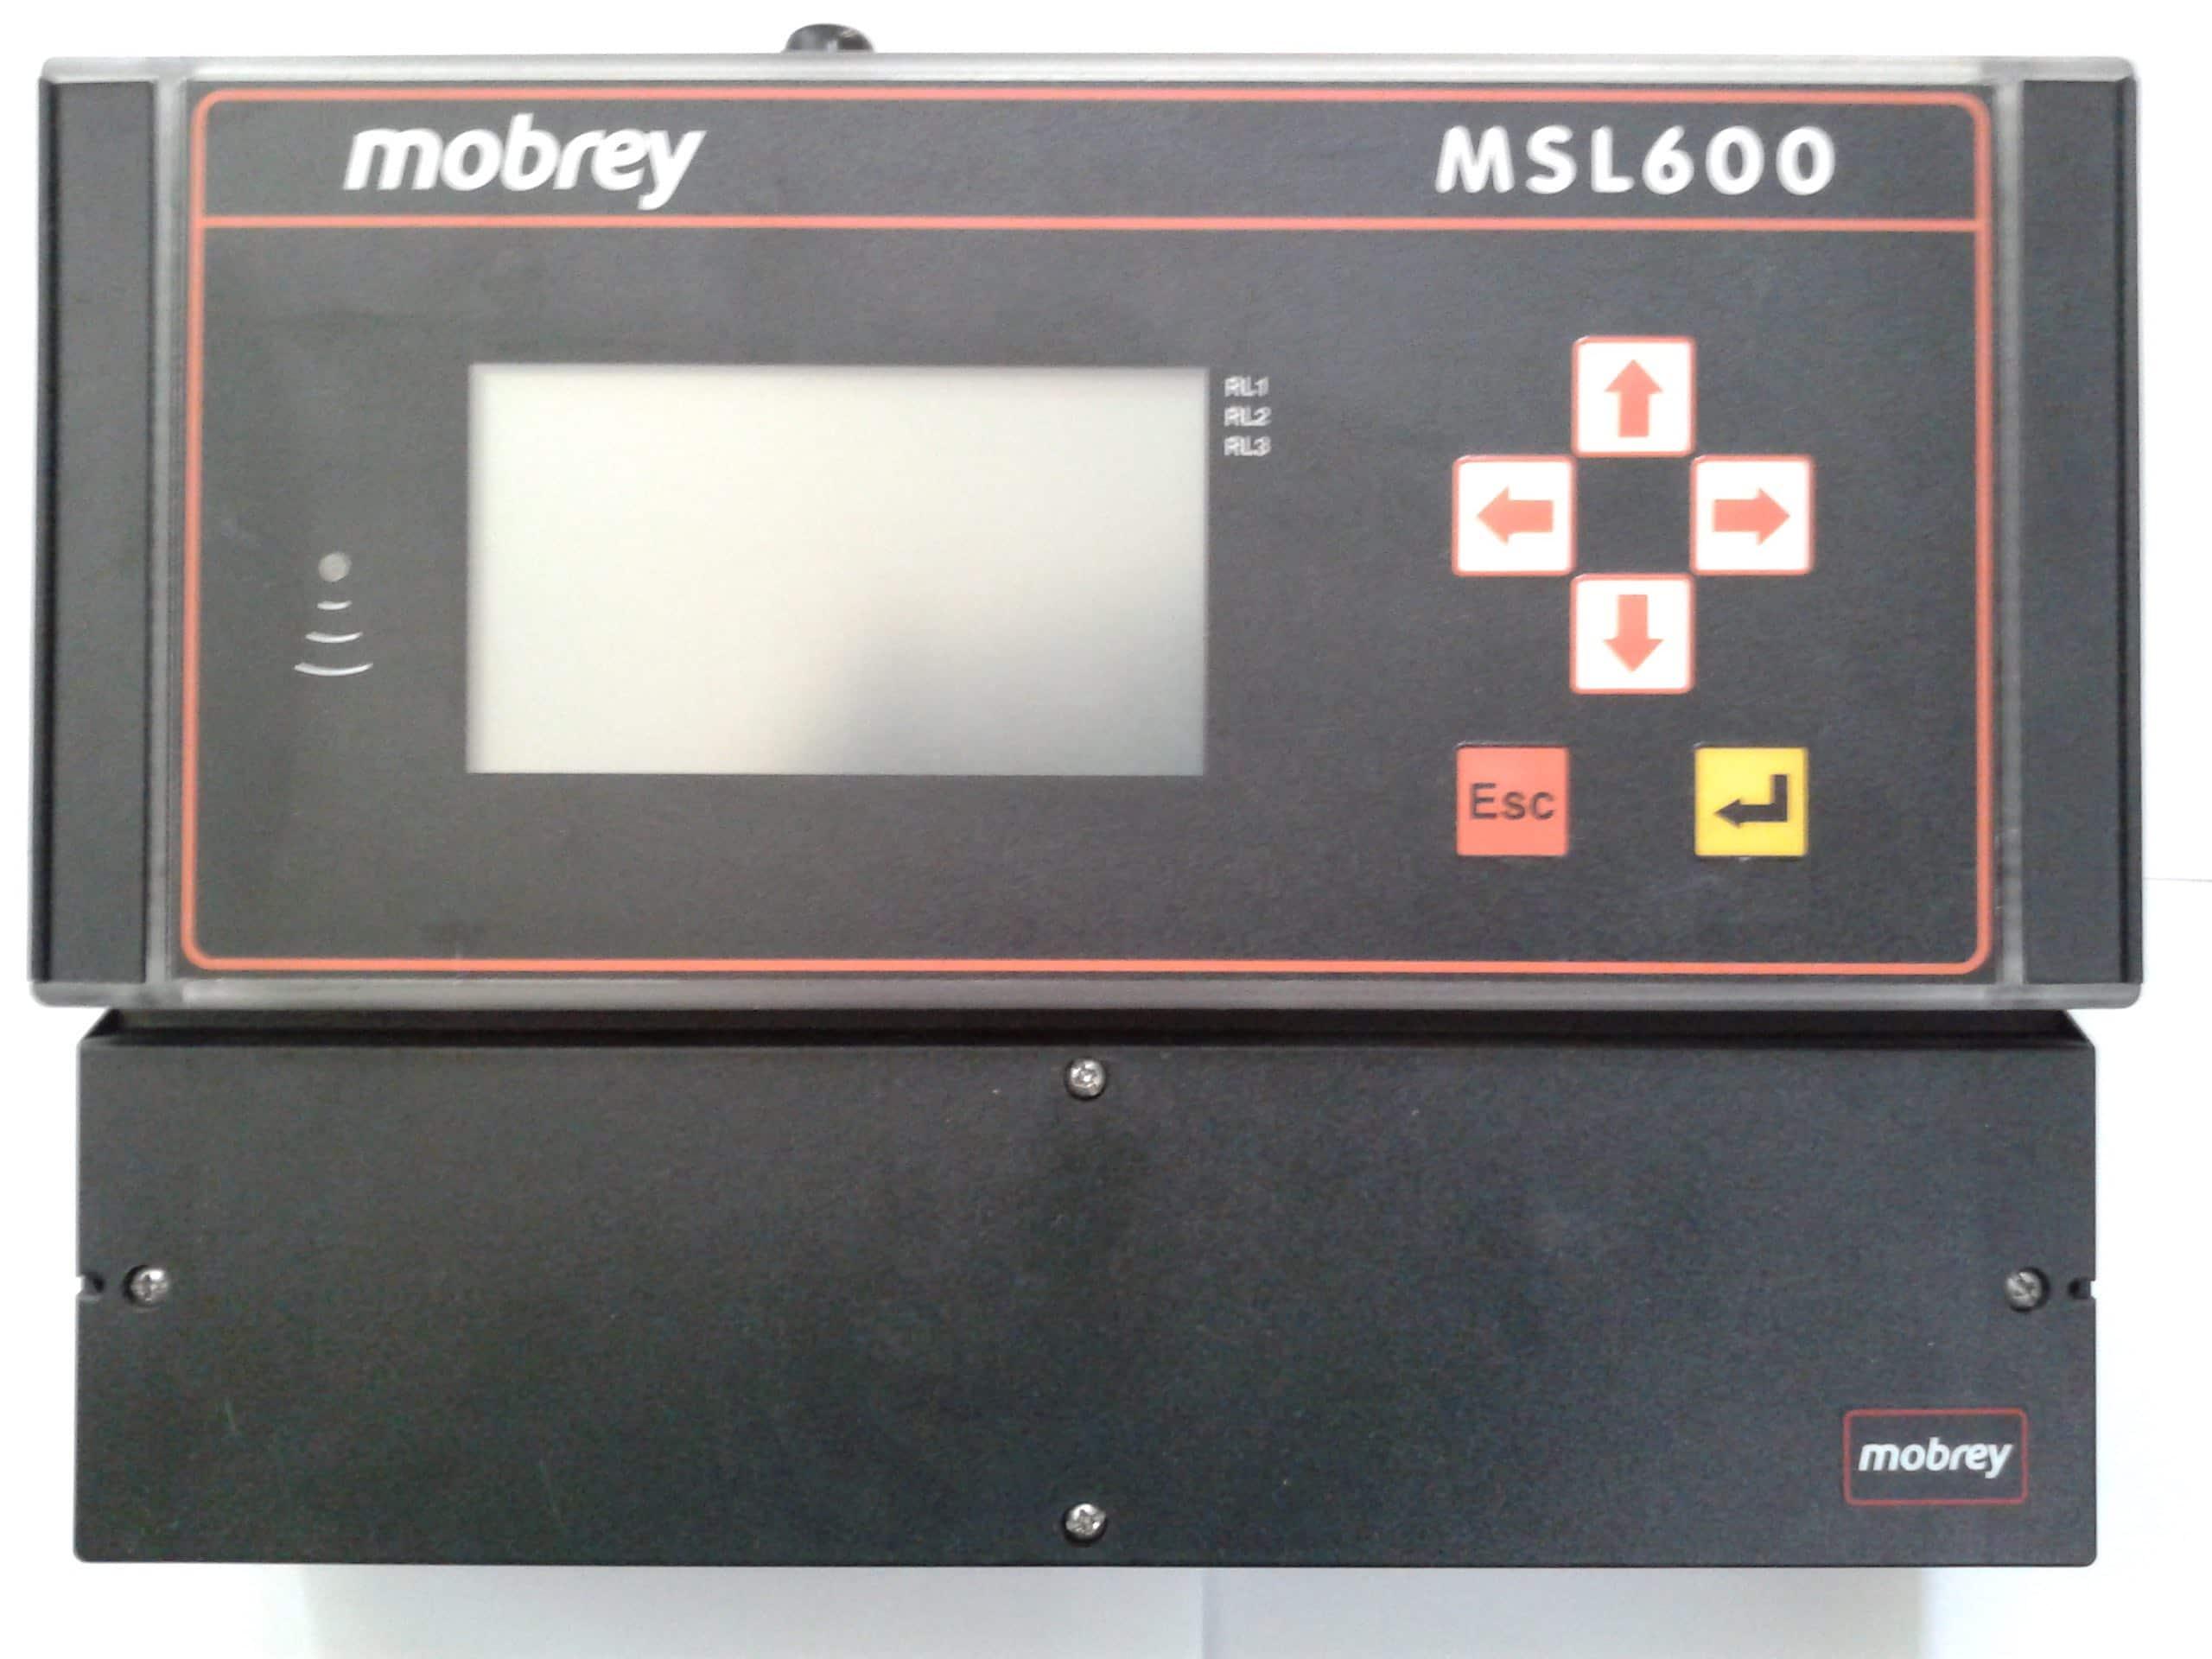 Mobrey MSL600:Z1 Monitor. 115:230v, 50-60Hz 140VA